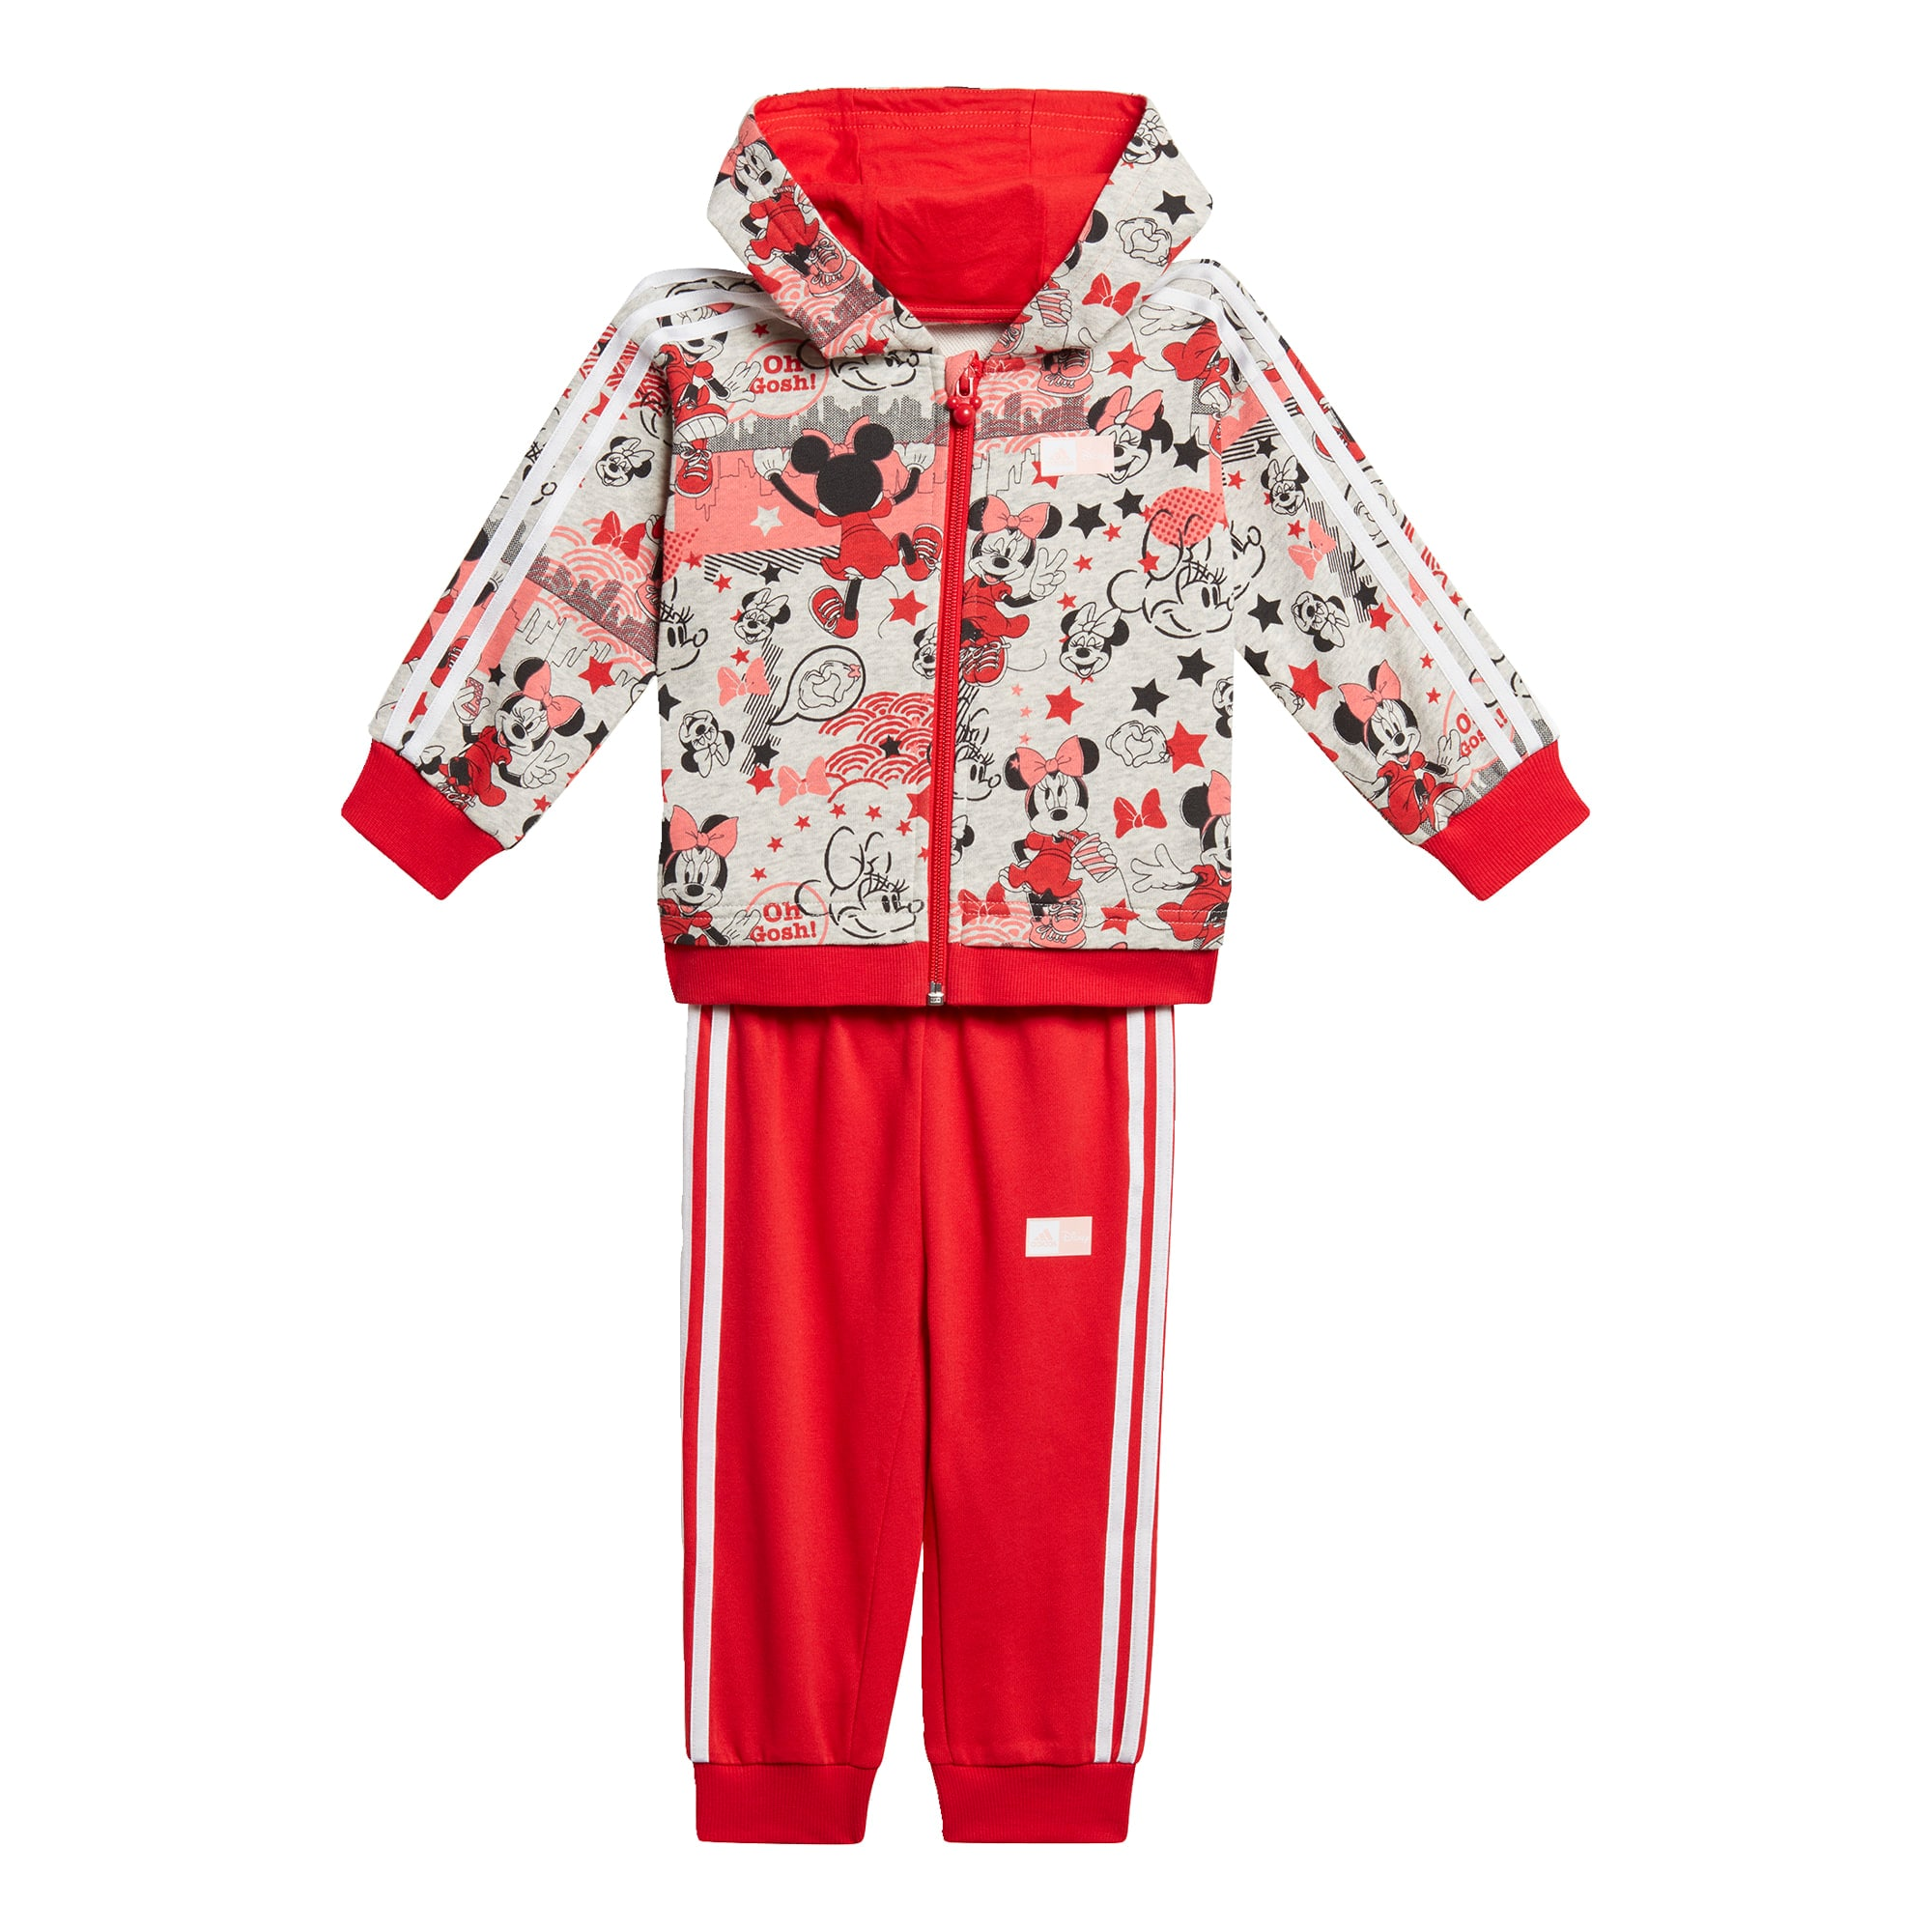 ADIDAS PERFORMANCE Treniruočių kostiumas raudona / mišrios spalvos